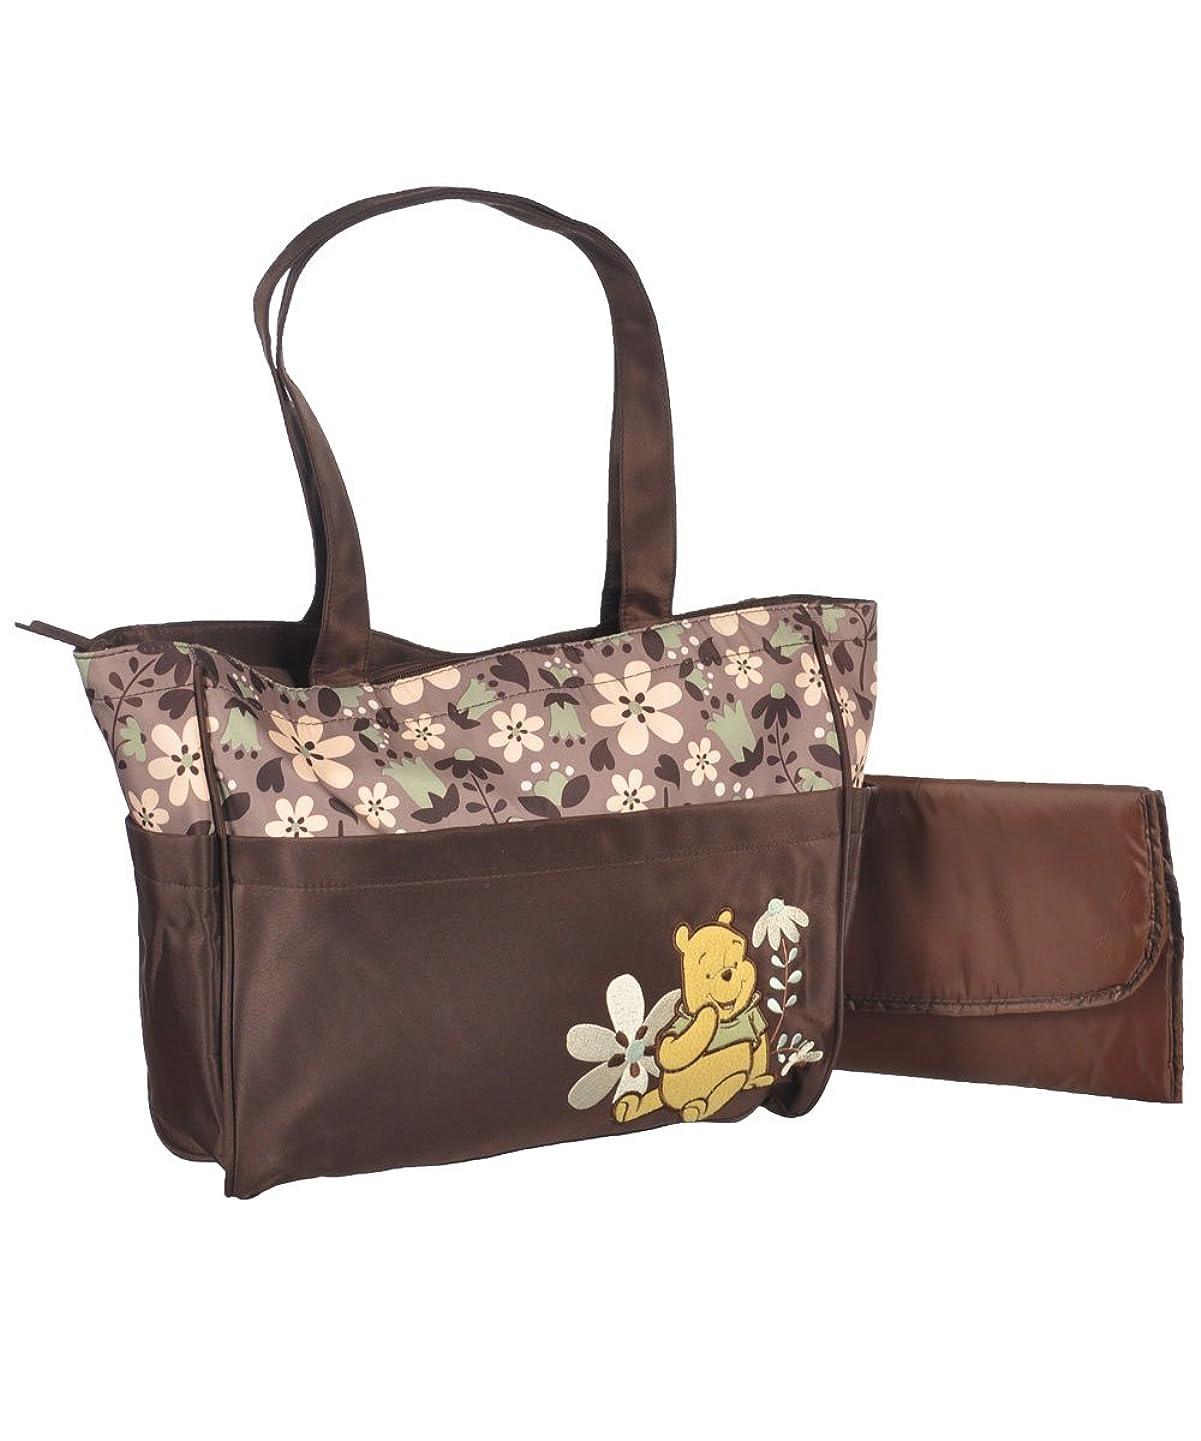 事業内容貢献する多くの危険がある状況Winnie the Pooh Friendly Flowers Large Diaper Bag - brown, one size by Disney